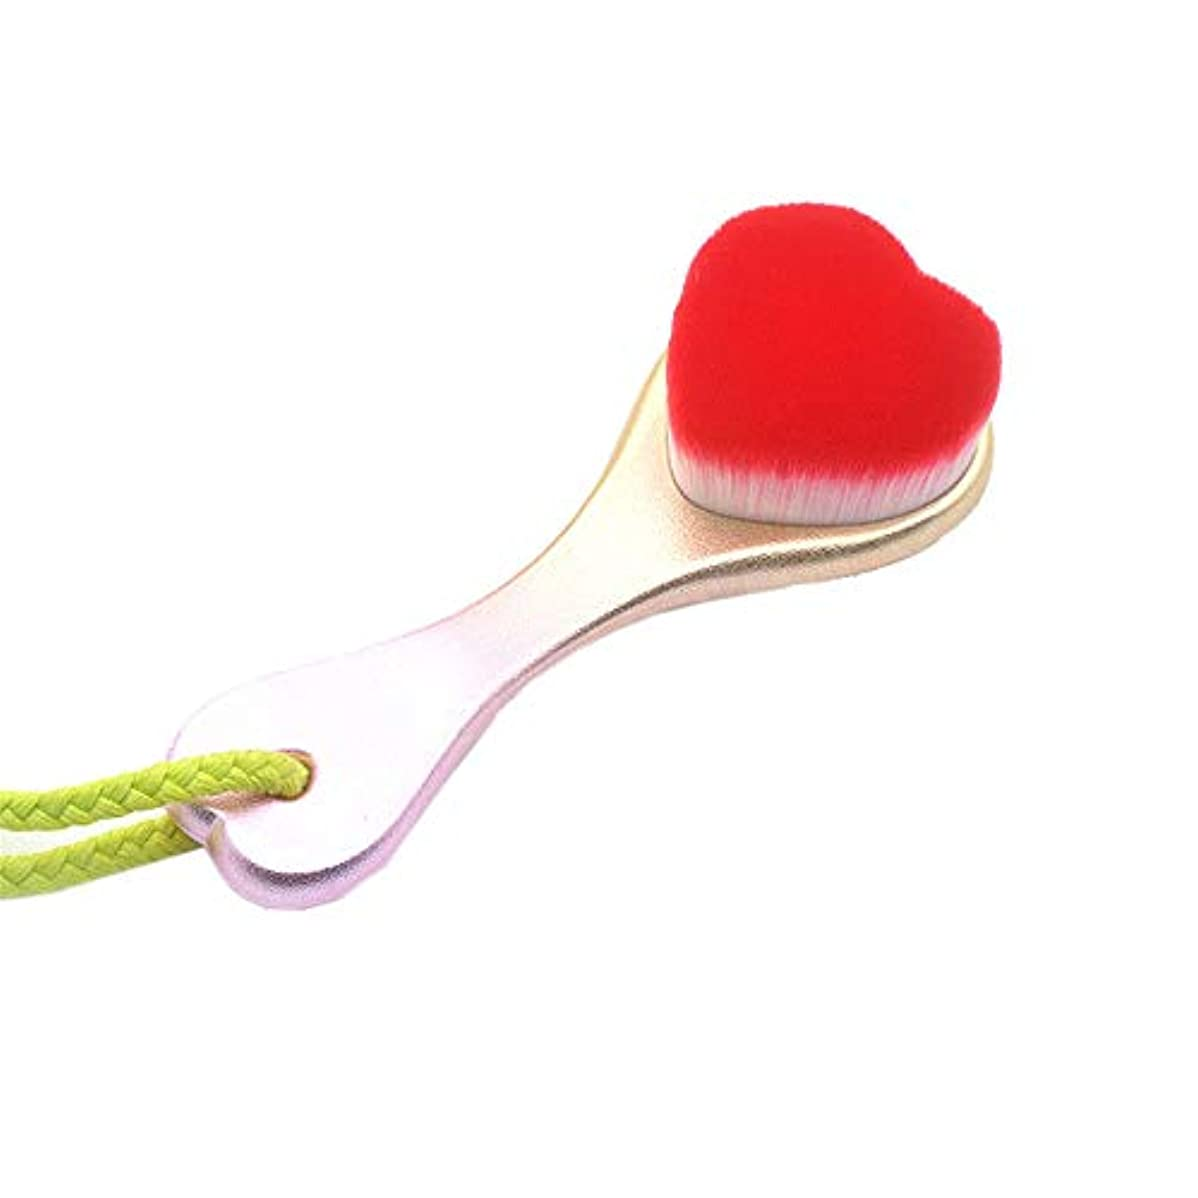 洗顔ブラシ 女性の顔用クレンジングブラシ顔用角質除去ブラシスキンケアツールブラシ深い毛穴クレンジング ディープクレンジングスキンケア用